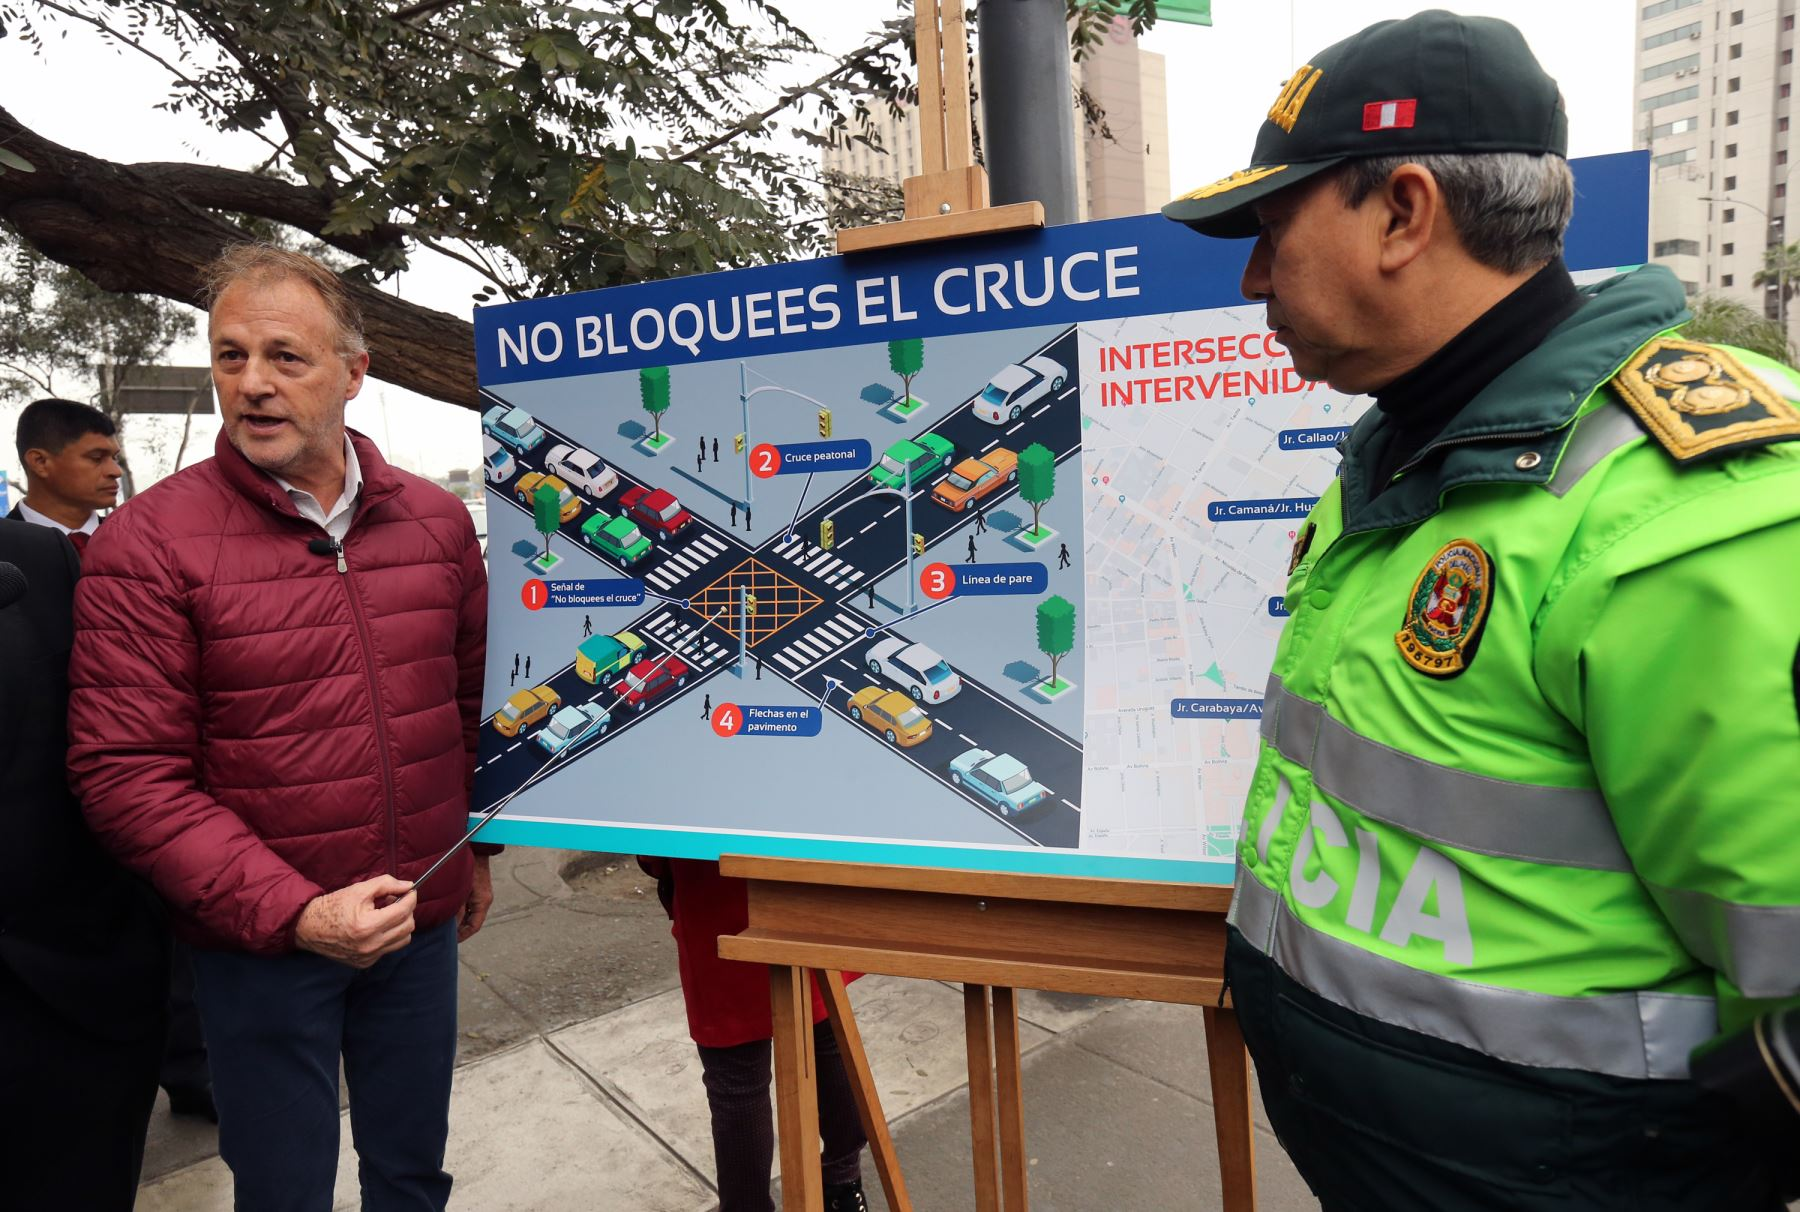 Muñoz presentó esta mañana las primeras seis intersecciones viales del Cercado de Lima intervenidas con mallas antibloqueos que buscan reducir la congestión vehicular. Foto: ANDINA/Norman Córdova